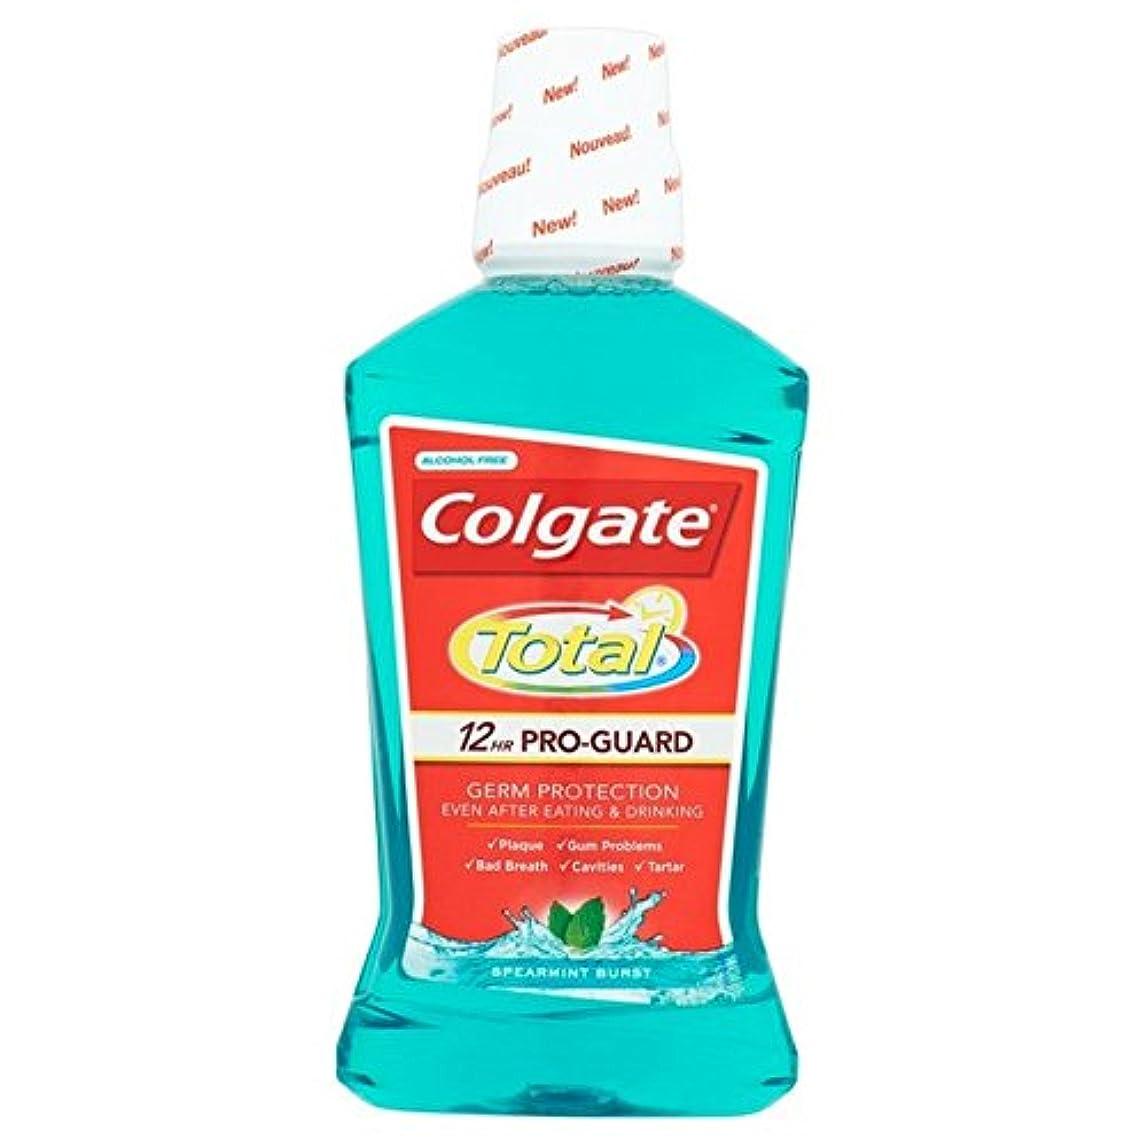 リーバラ色気まぐれなコルゲートトータル先進的な緑色のマウスウォッシュ500ミリリットル500ミリリットル x2 - Colgate Total Advanced Green Mouthwash 500ml 500ml (Pack of 2)...